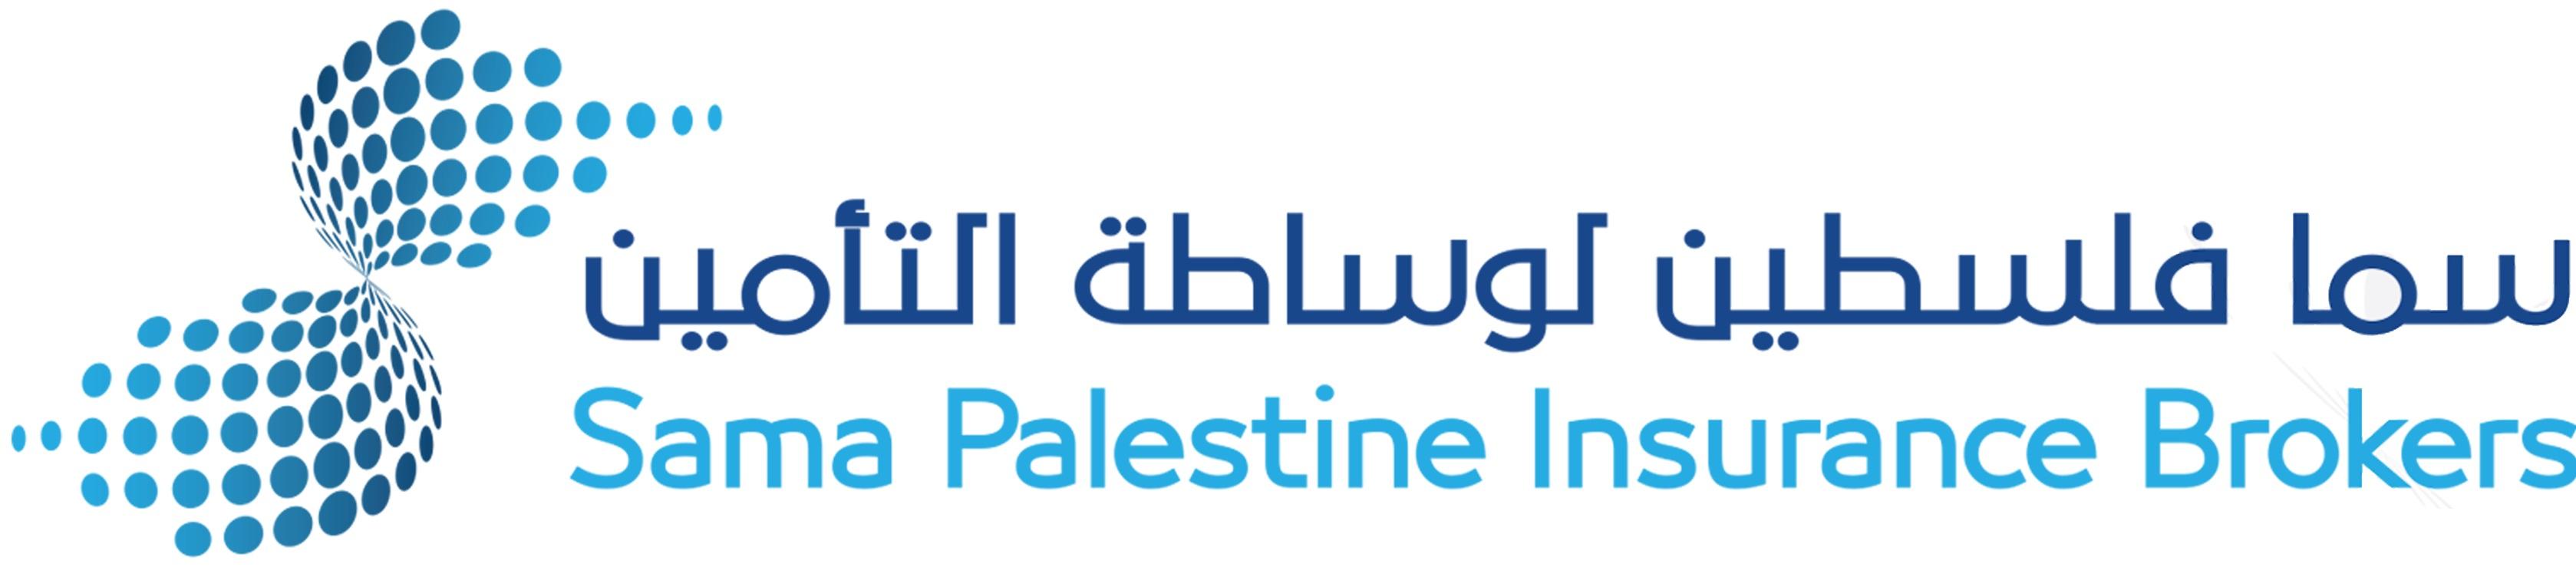 سما فلسطين لوساطة التأمين